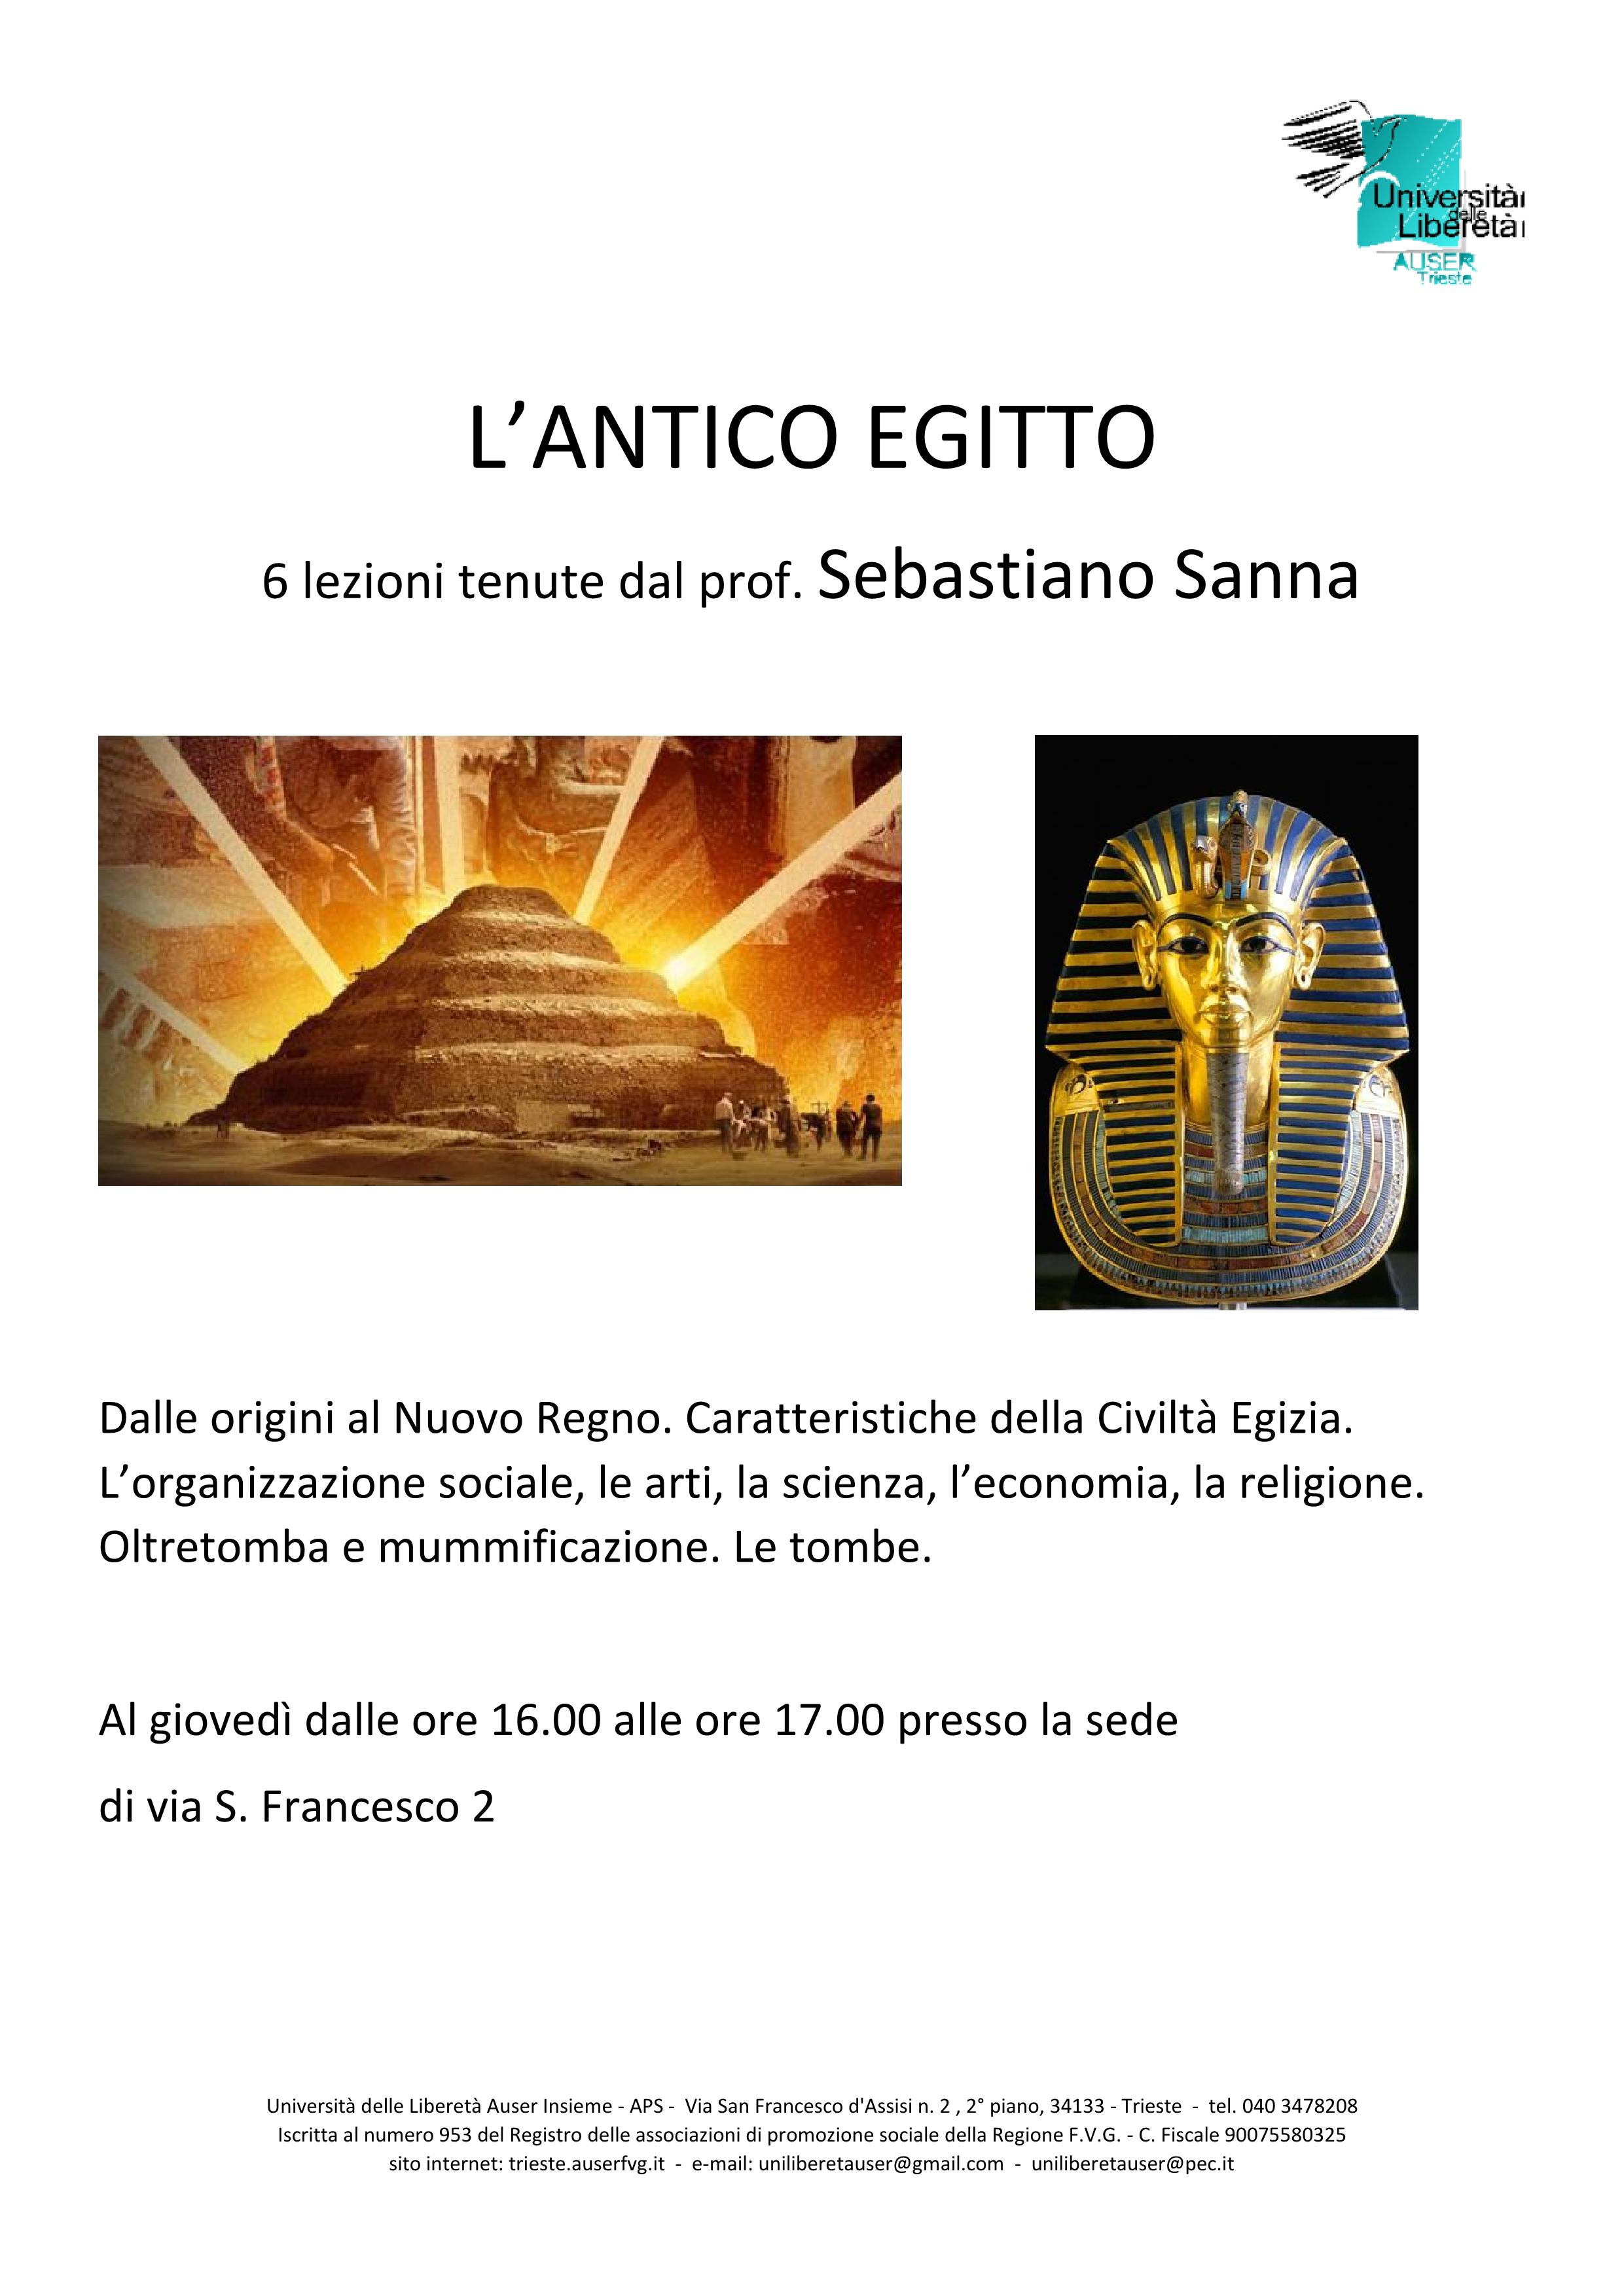 locandina sanna egitto1